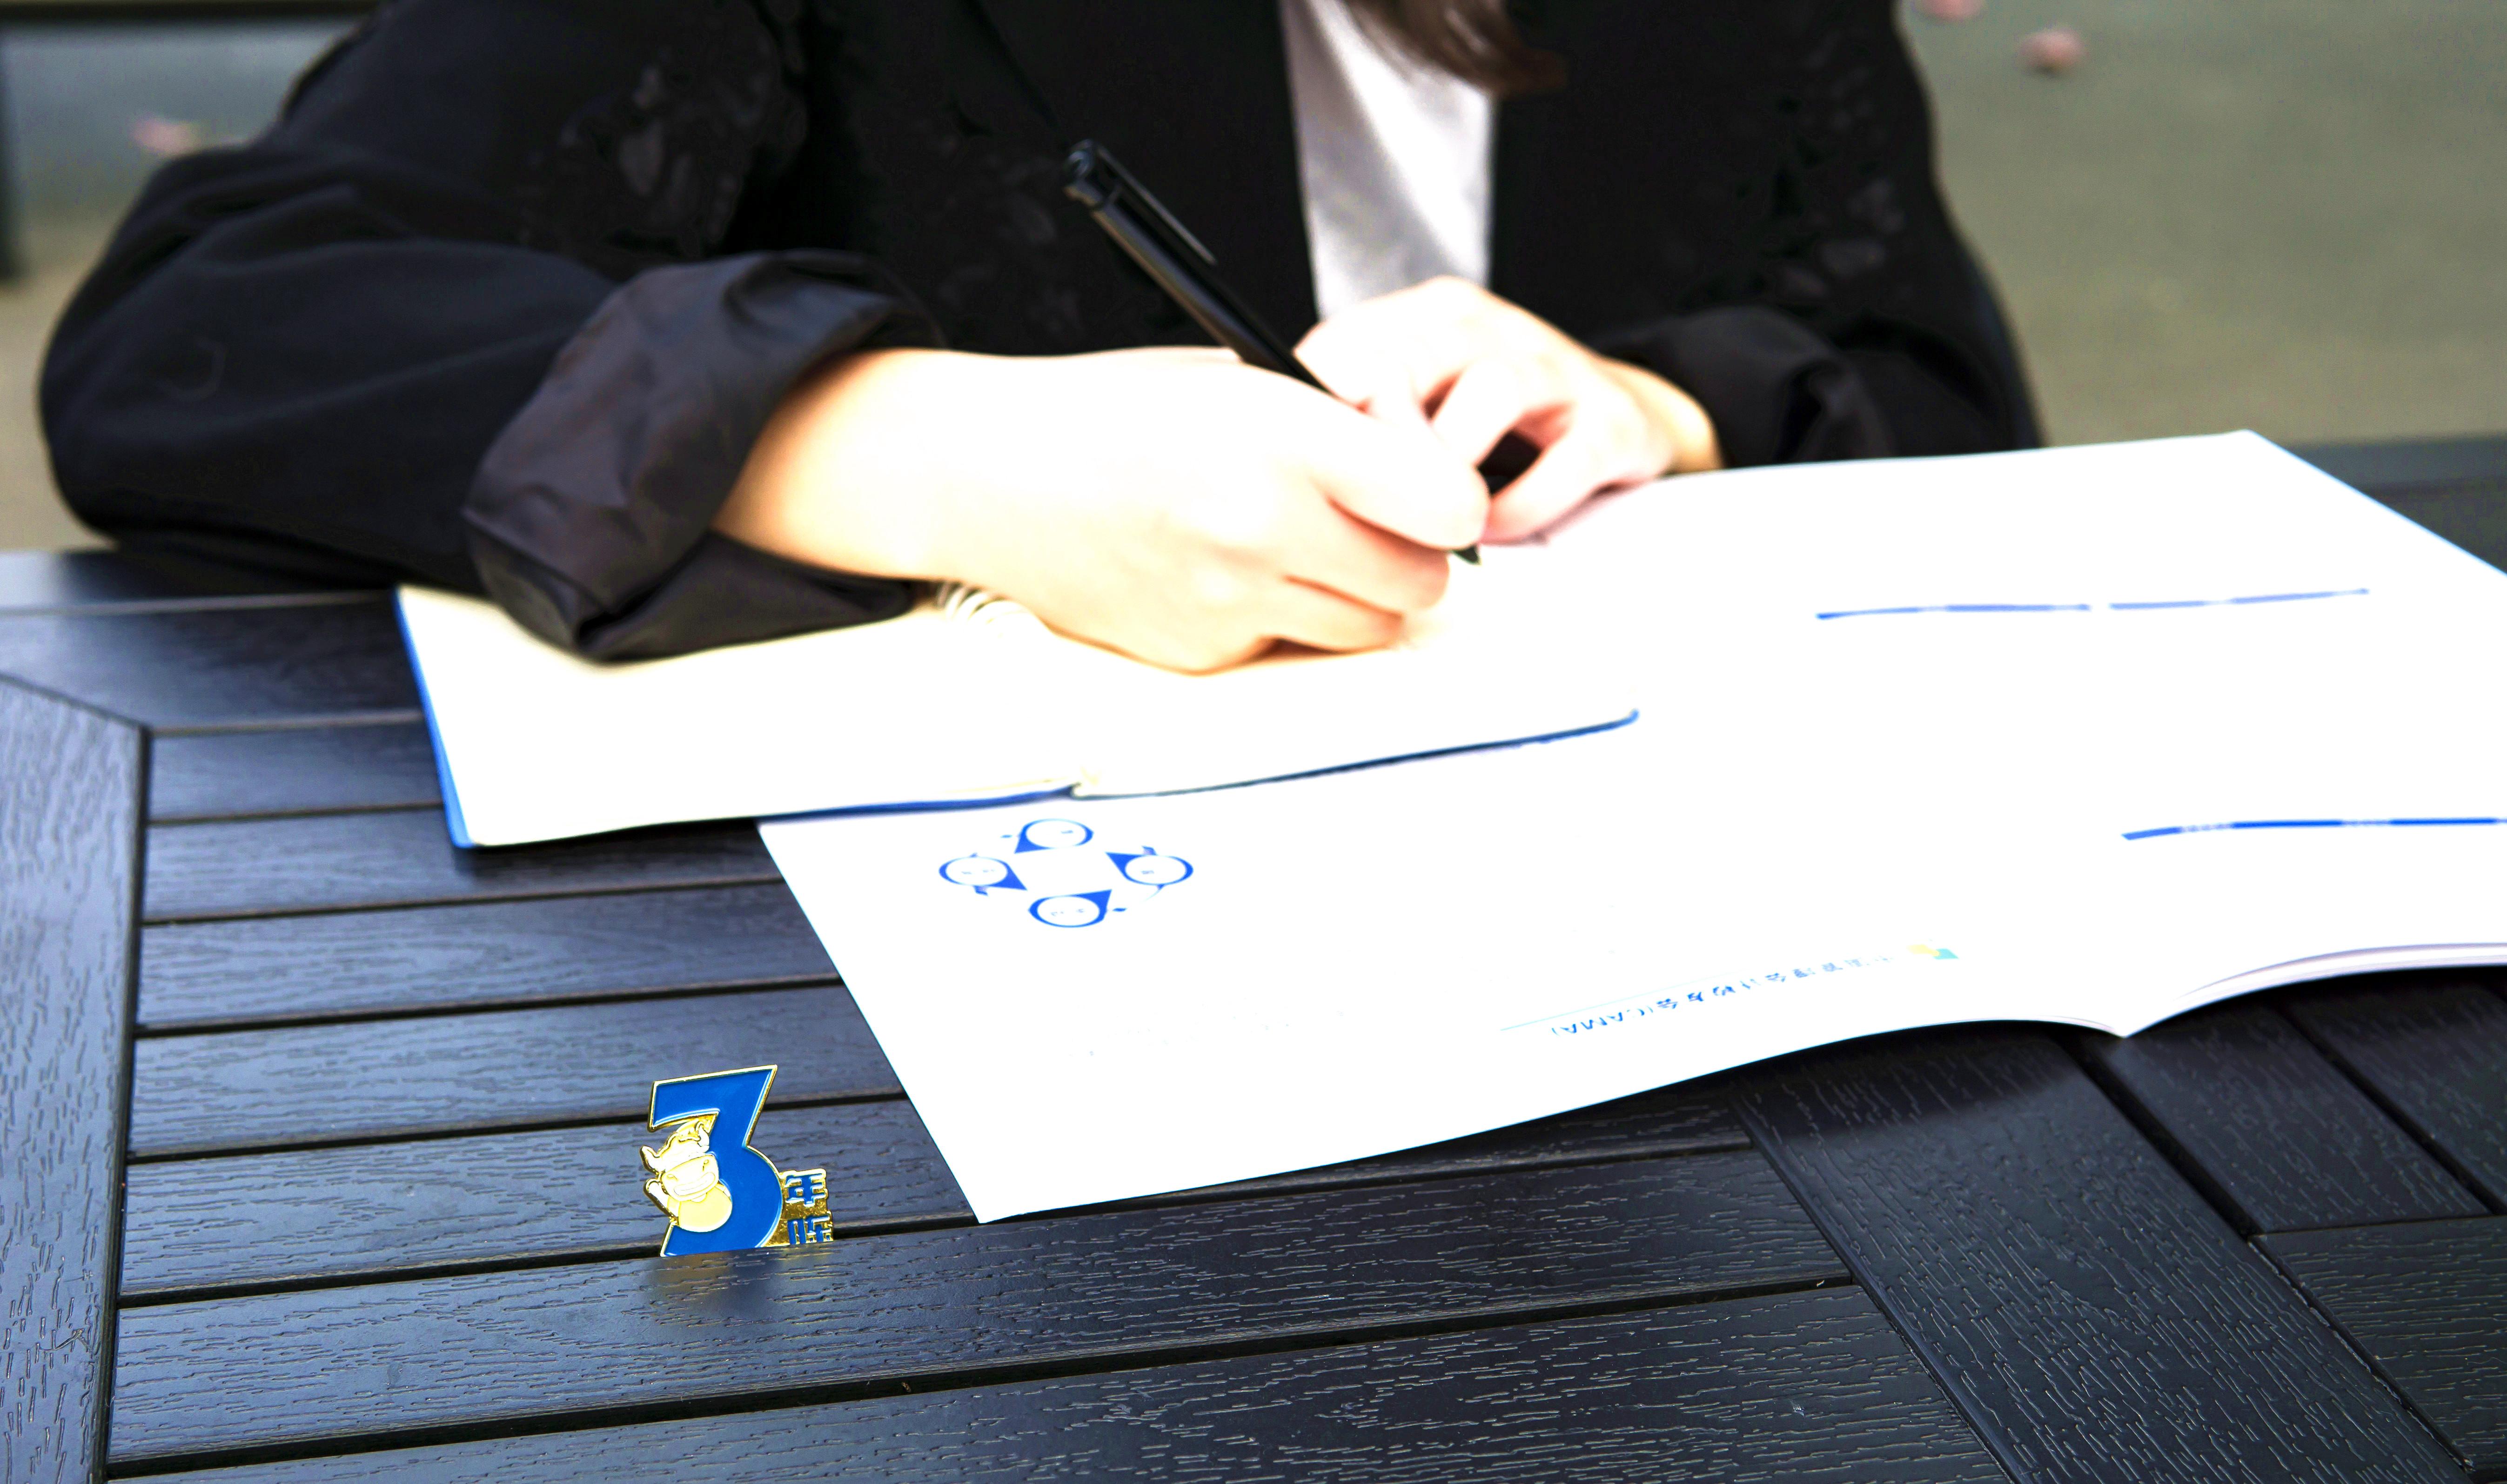 拿到frm证书后,可以申请哪些工作岗位?